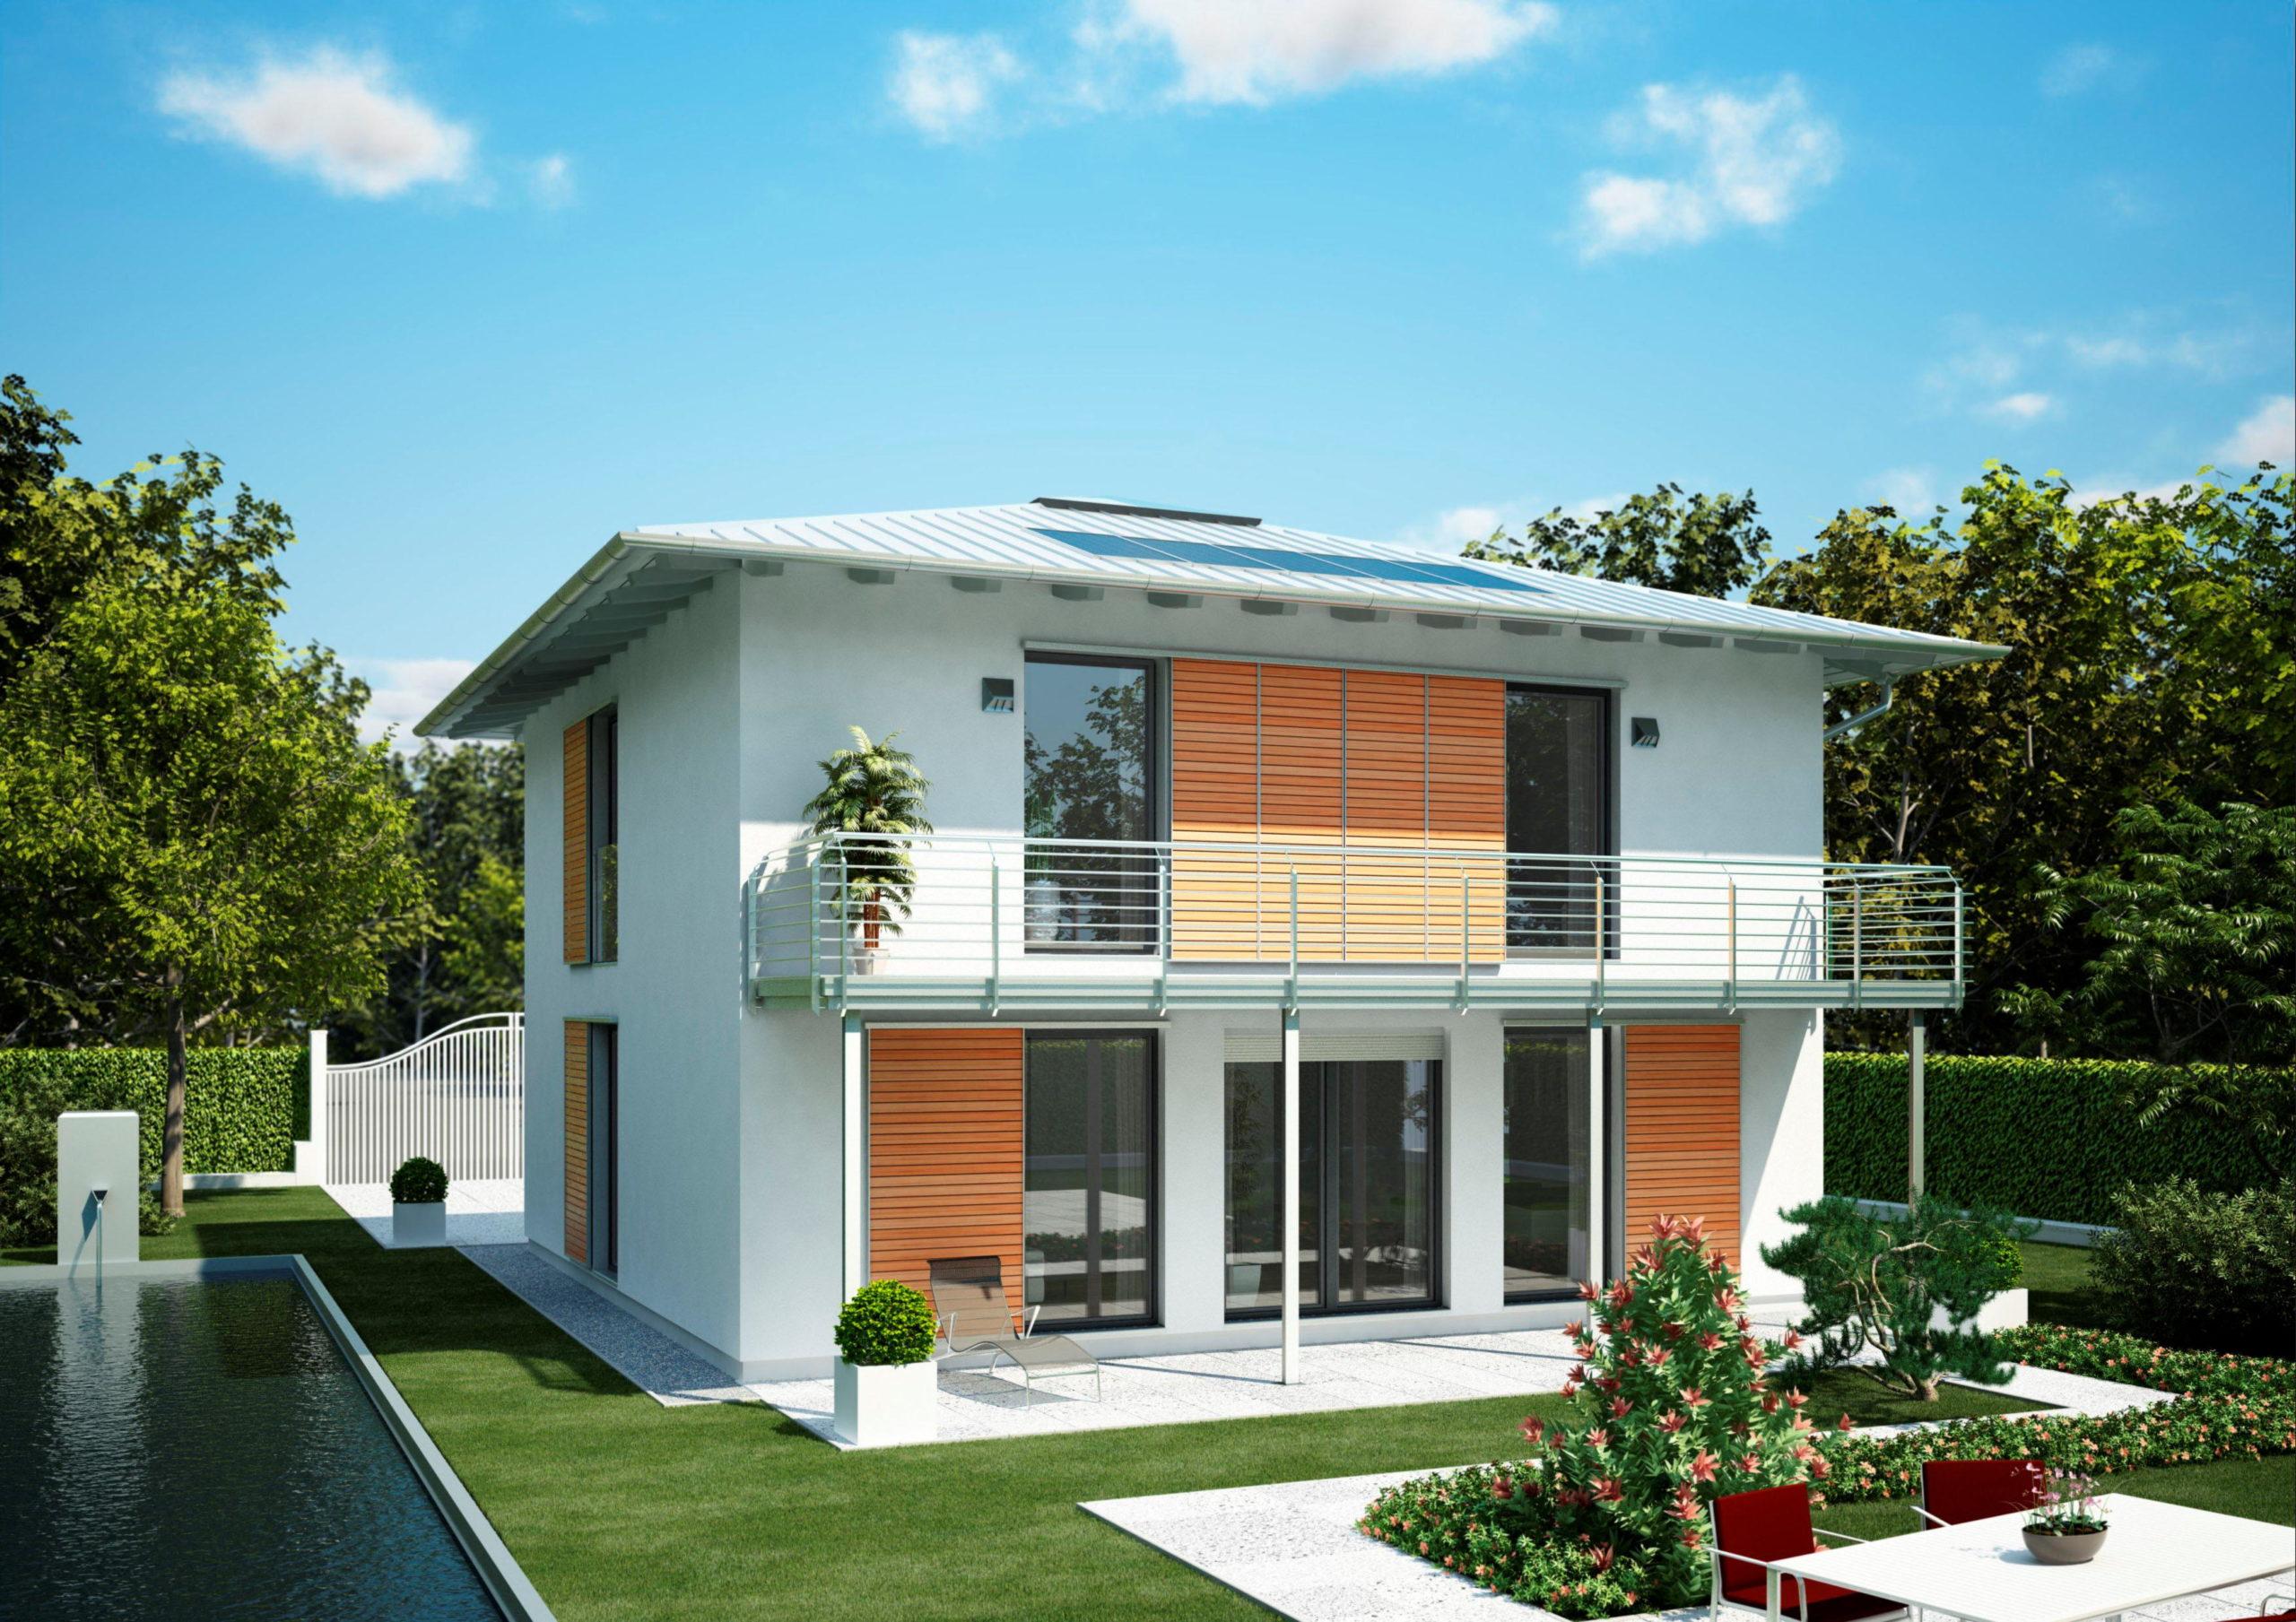 Строительство домов сладер фото фото фото